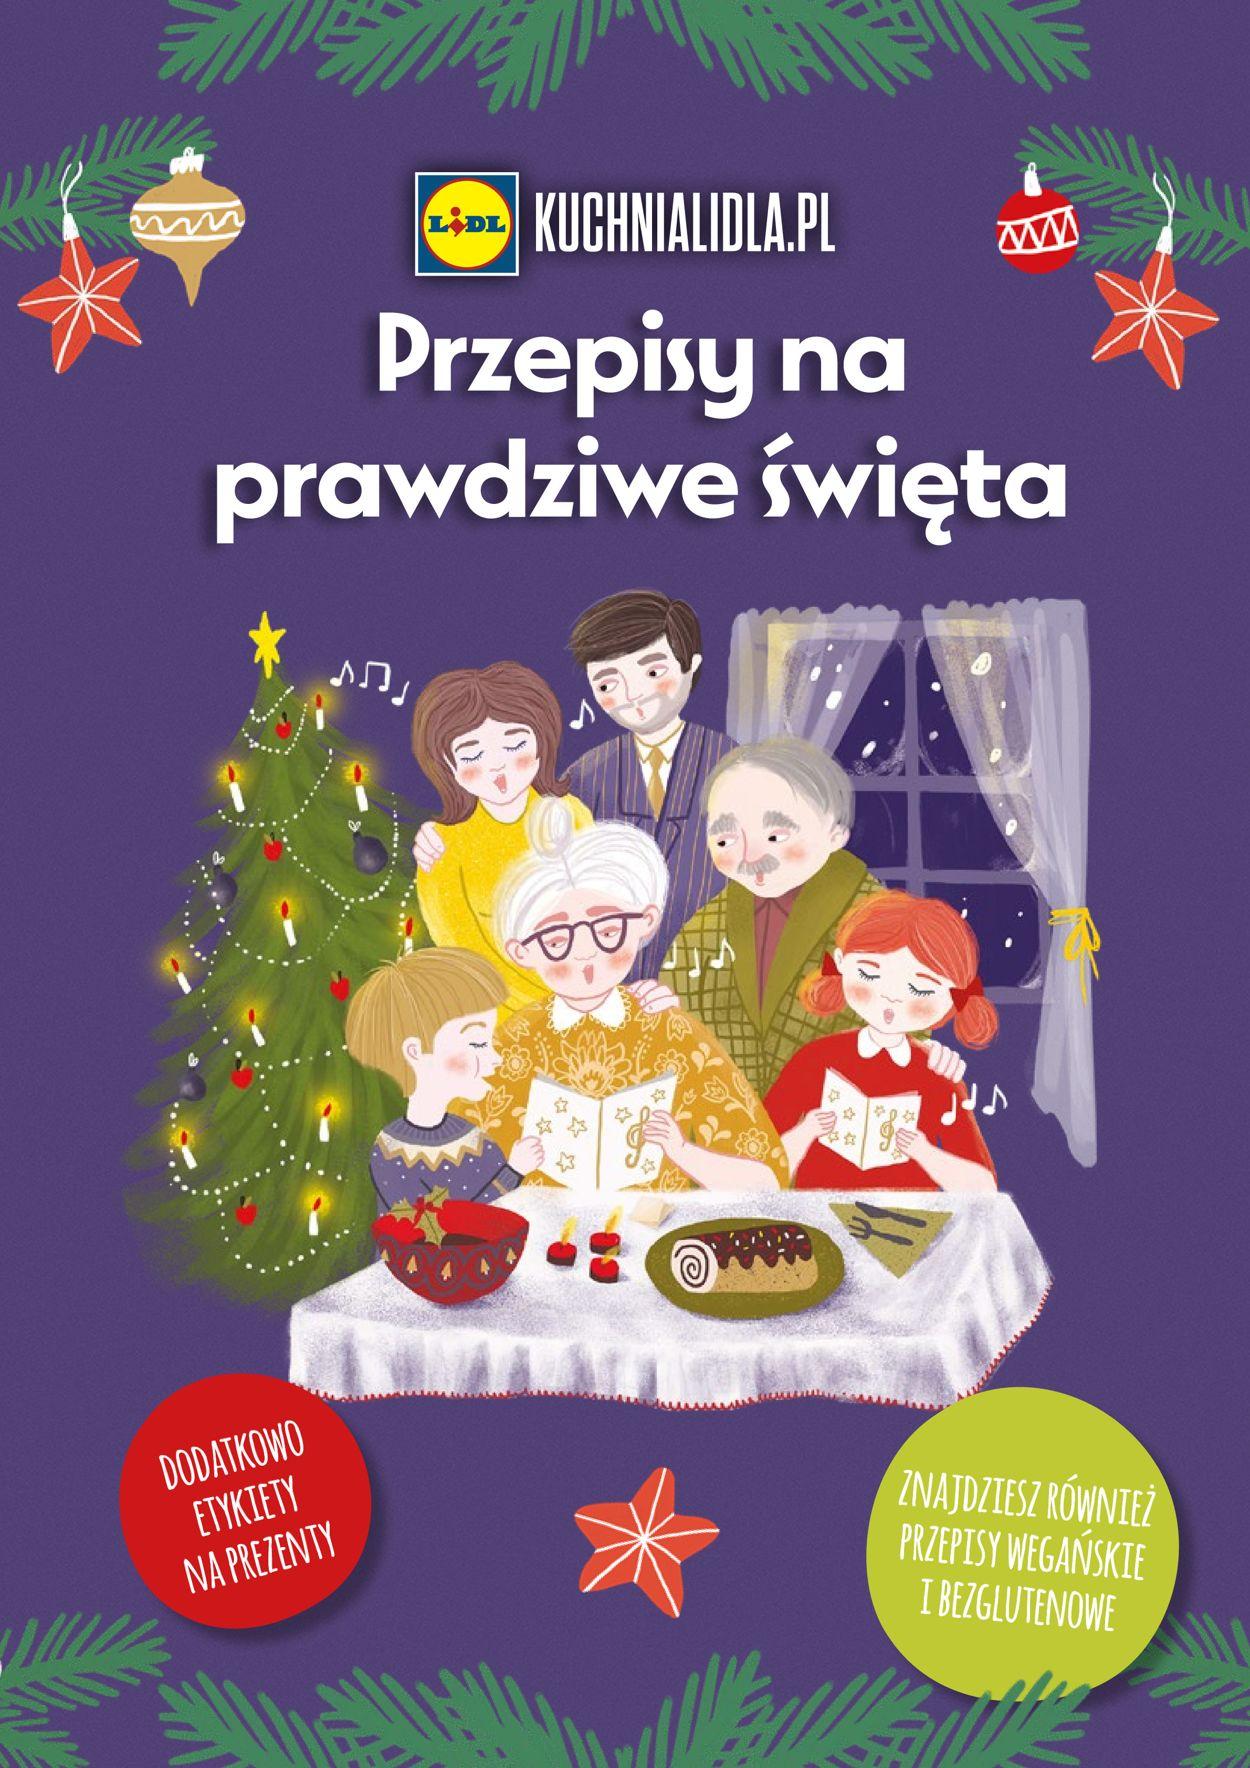 Gazetka promocyjna LIDL -Gazetka Świąteczna - 22.11-31.12.2019